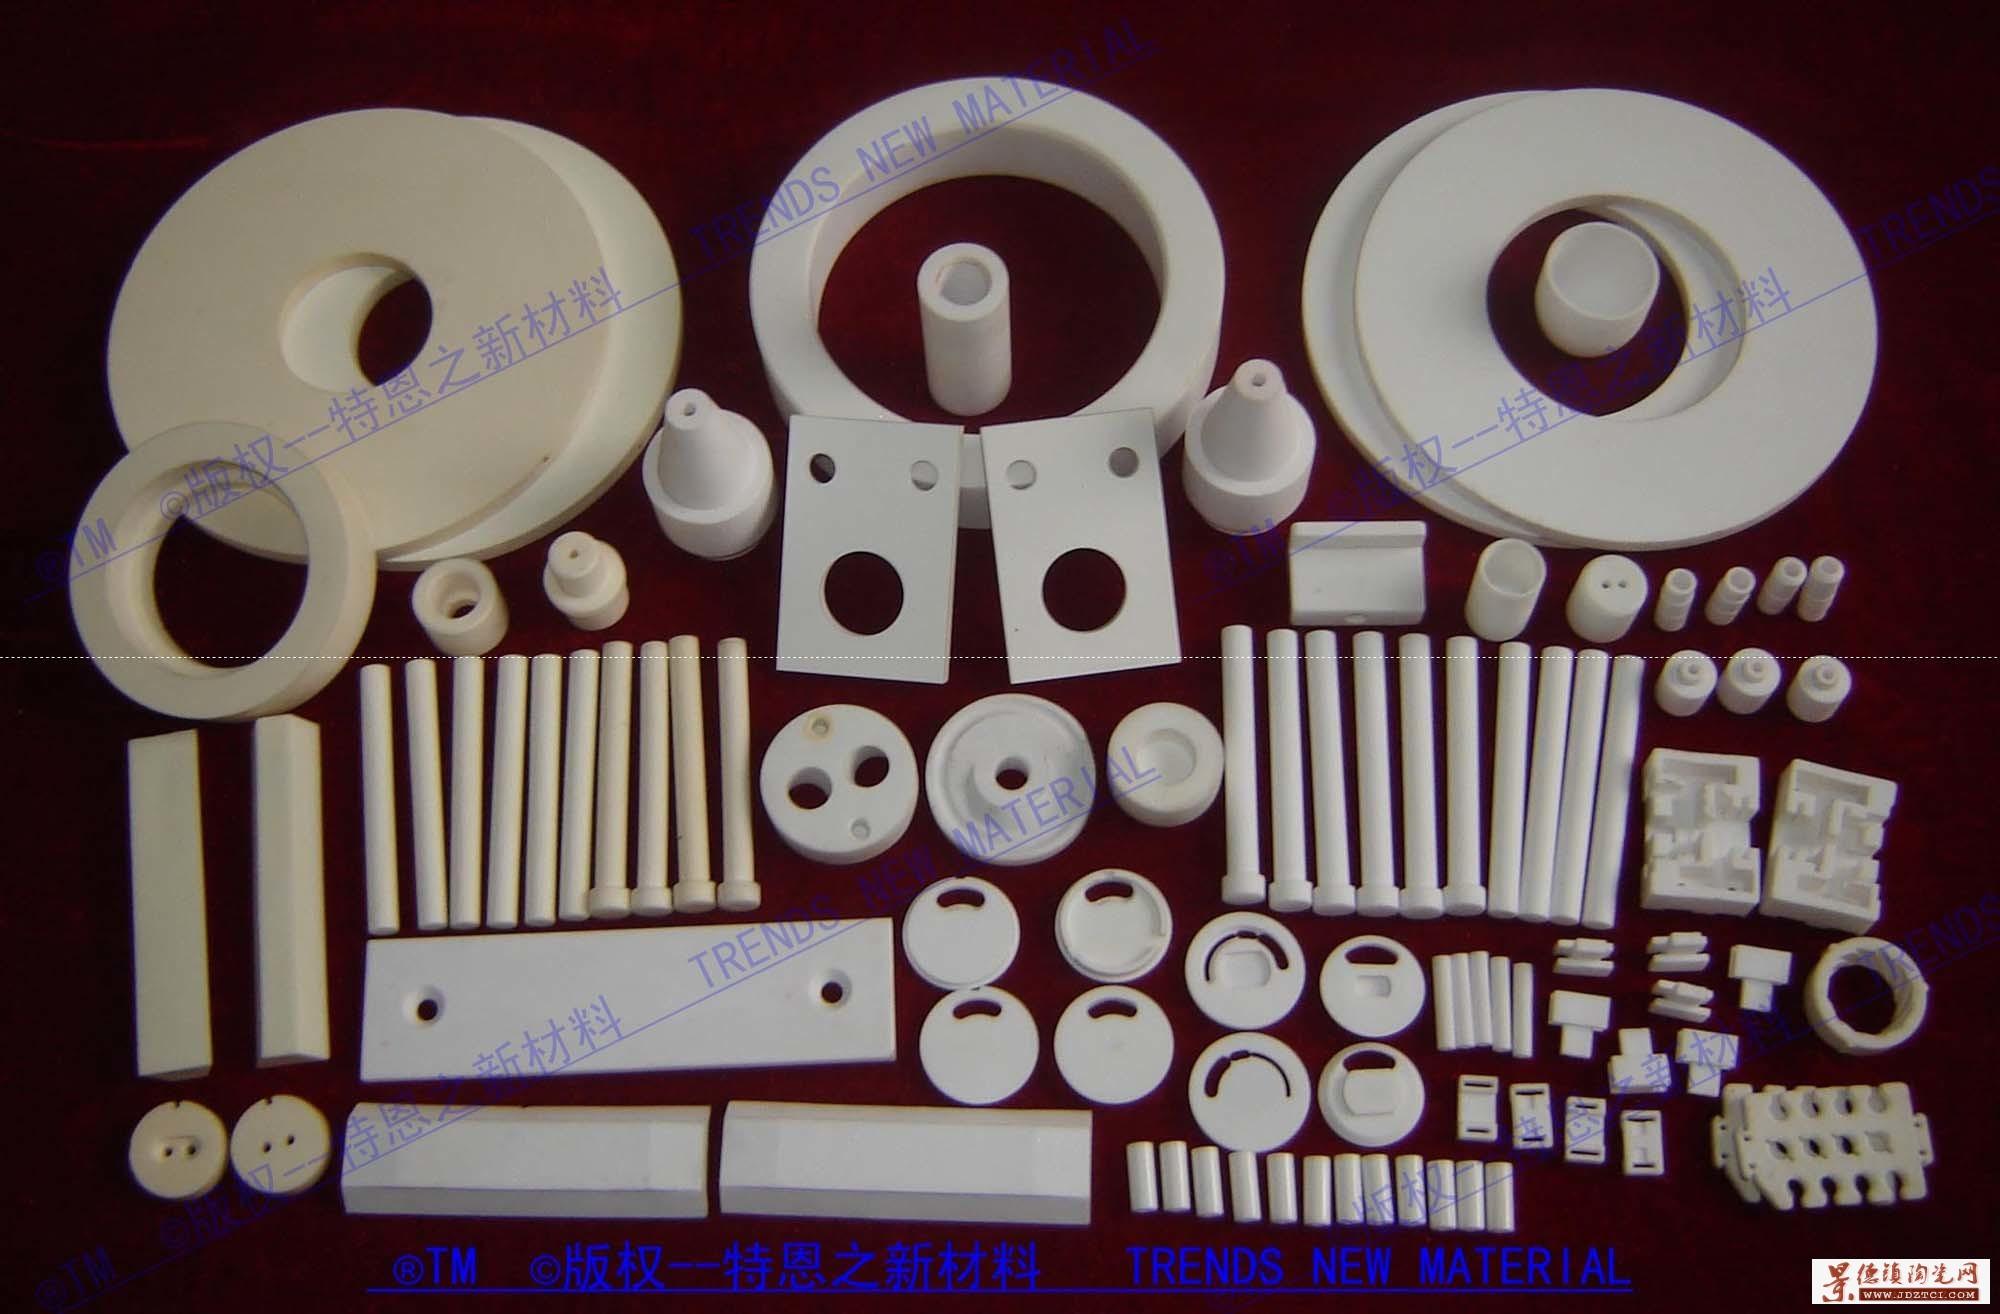 氧化铝陶瓷,本公司专业生产氧化铝陶瓷管棒、耐磨陶瓷、陶瓷密封件